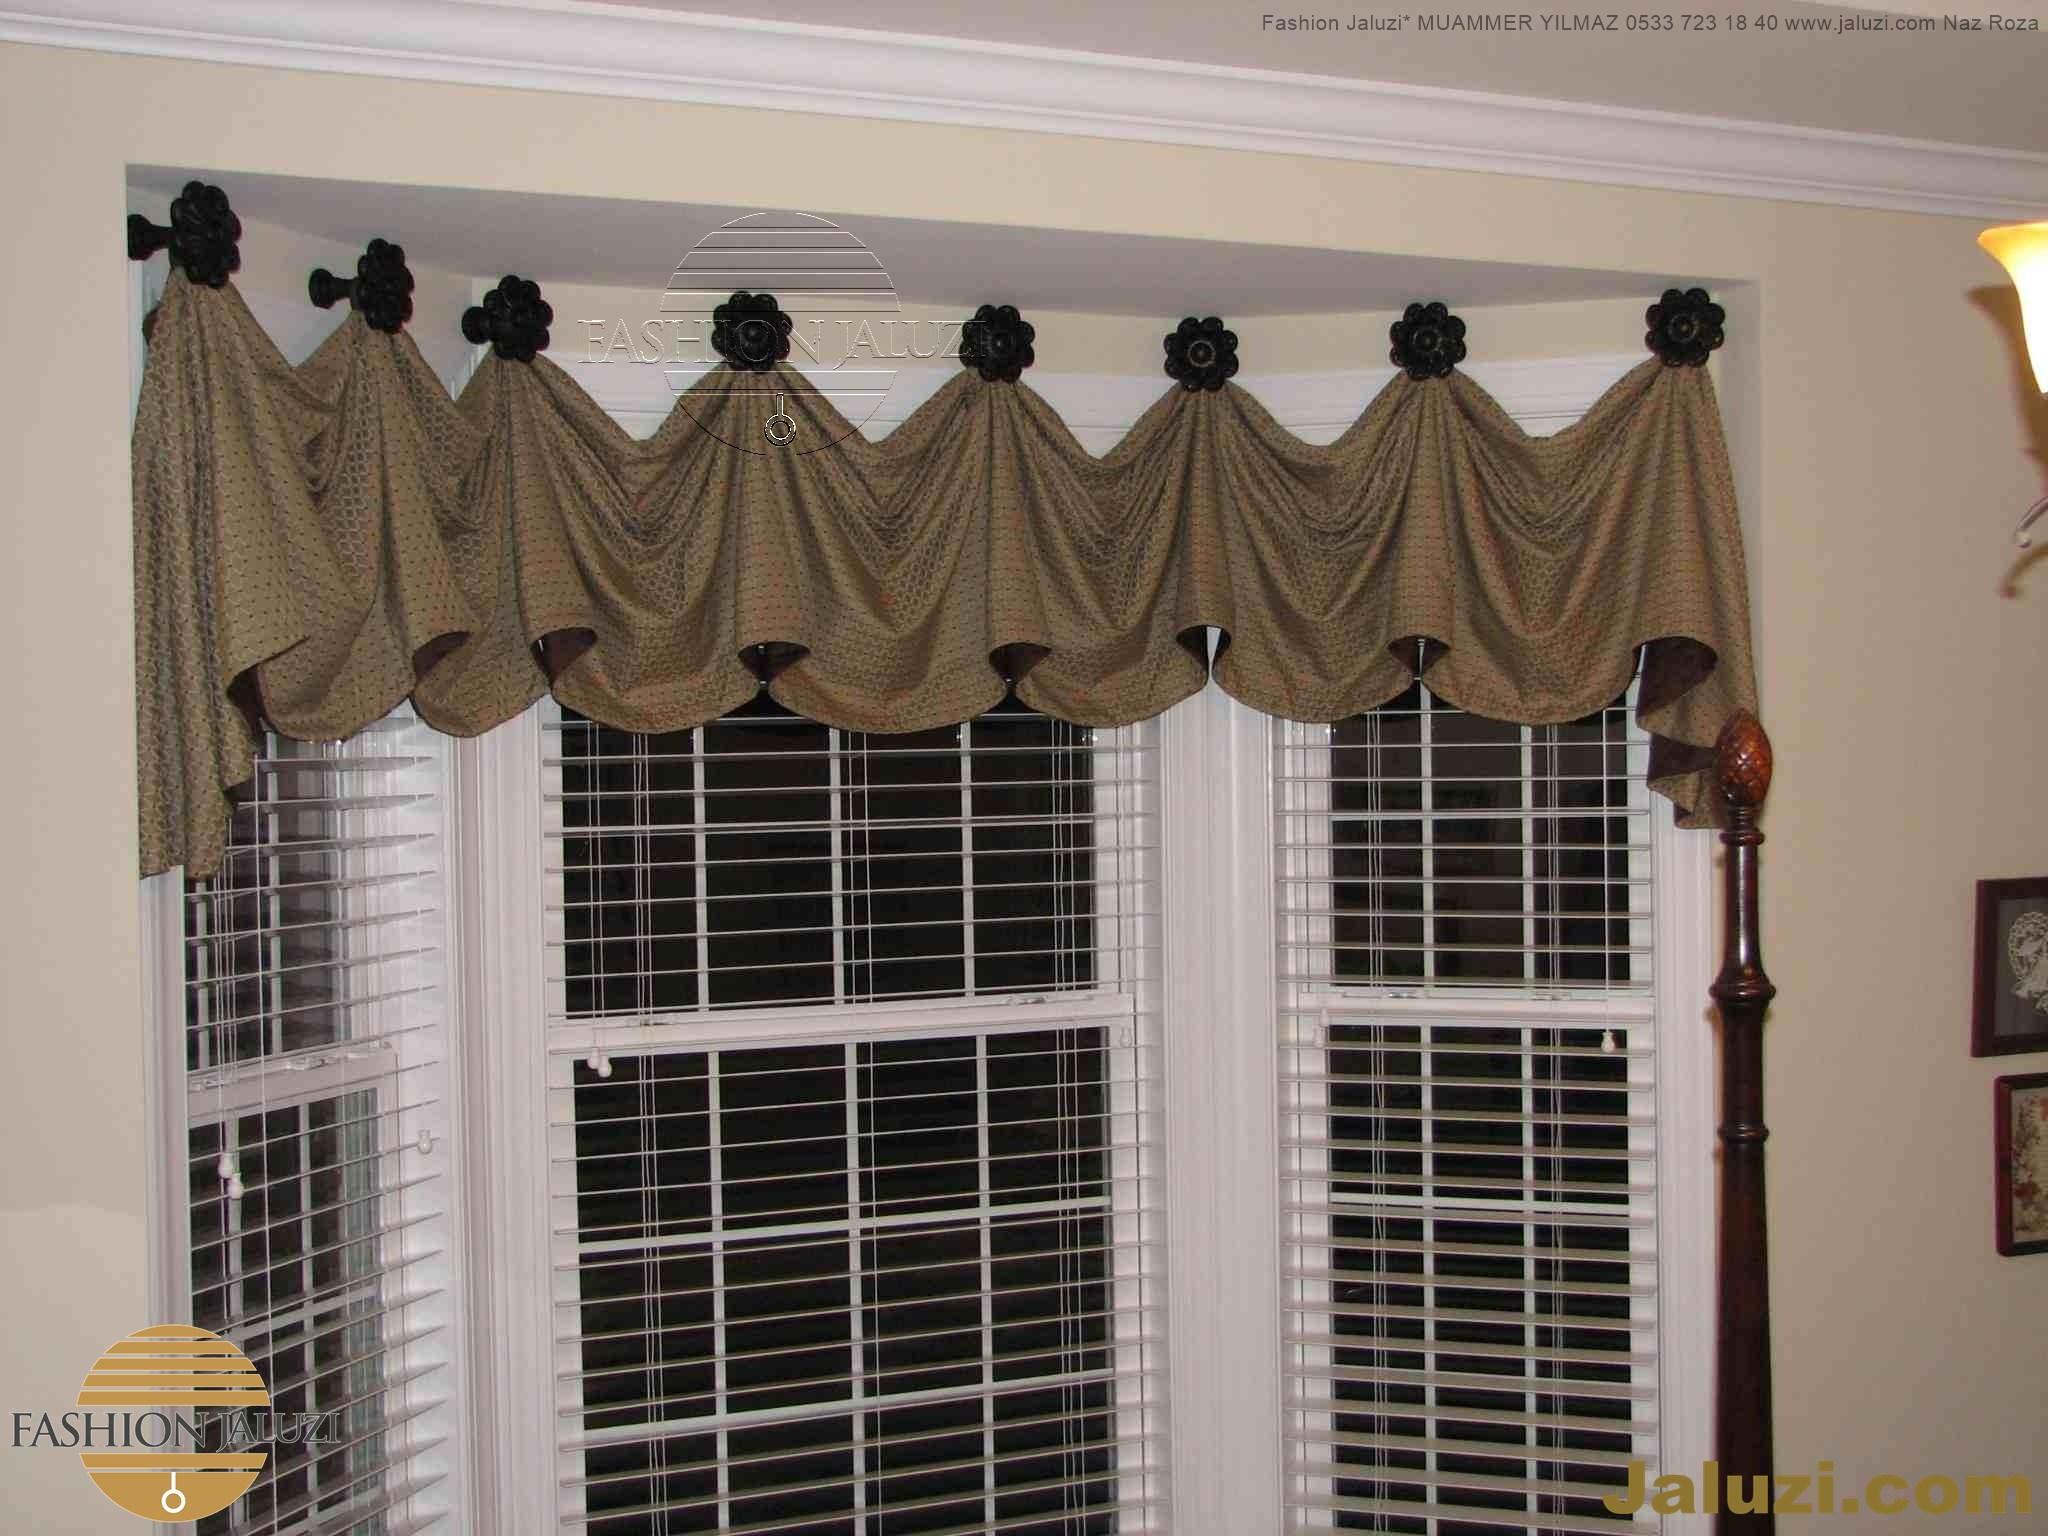 drape perde kumaş perde ahşap jaluzi perde kanat yan kenar perdeler italyan drape tül fon saten kadife süsleme (25)